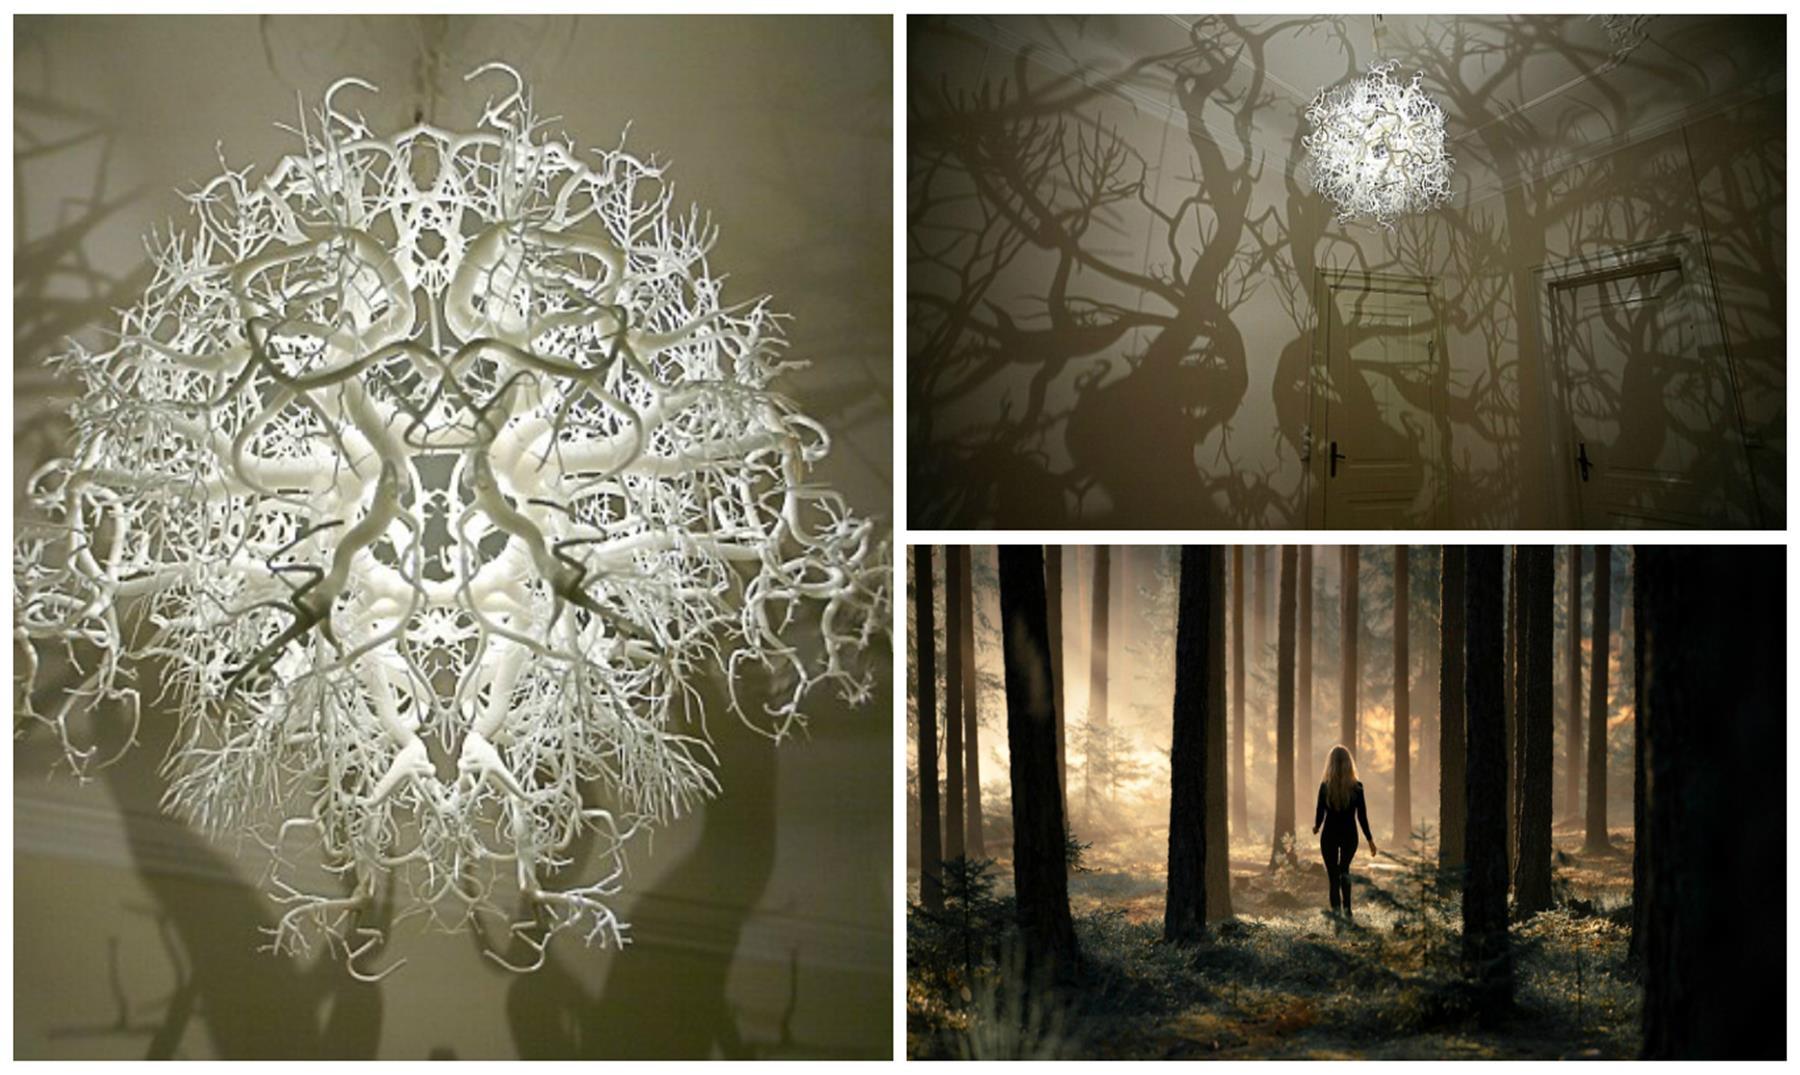 La l mpara que crea un bosque encantado en tu habitaci n - Crea tu habitacion ...